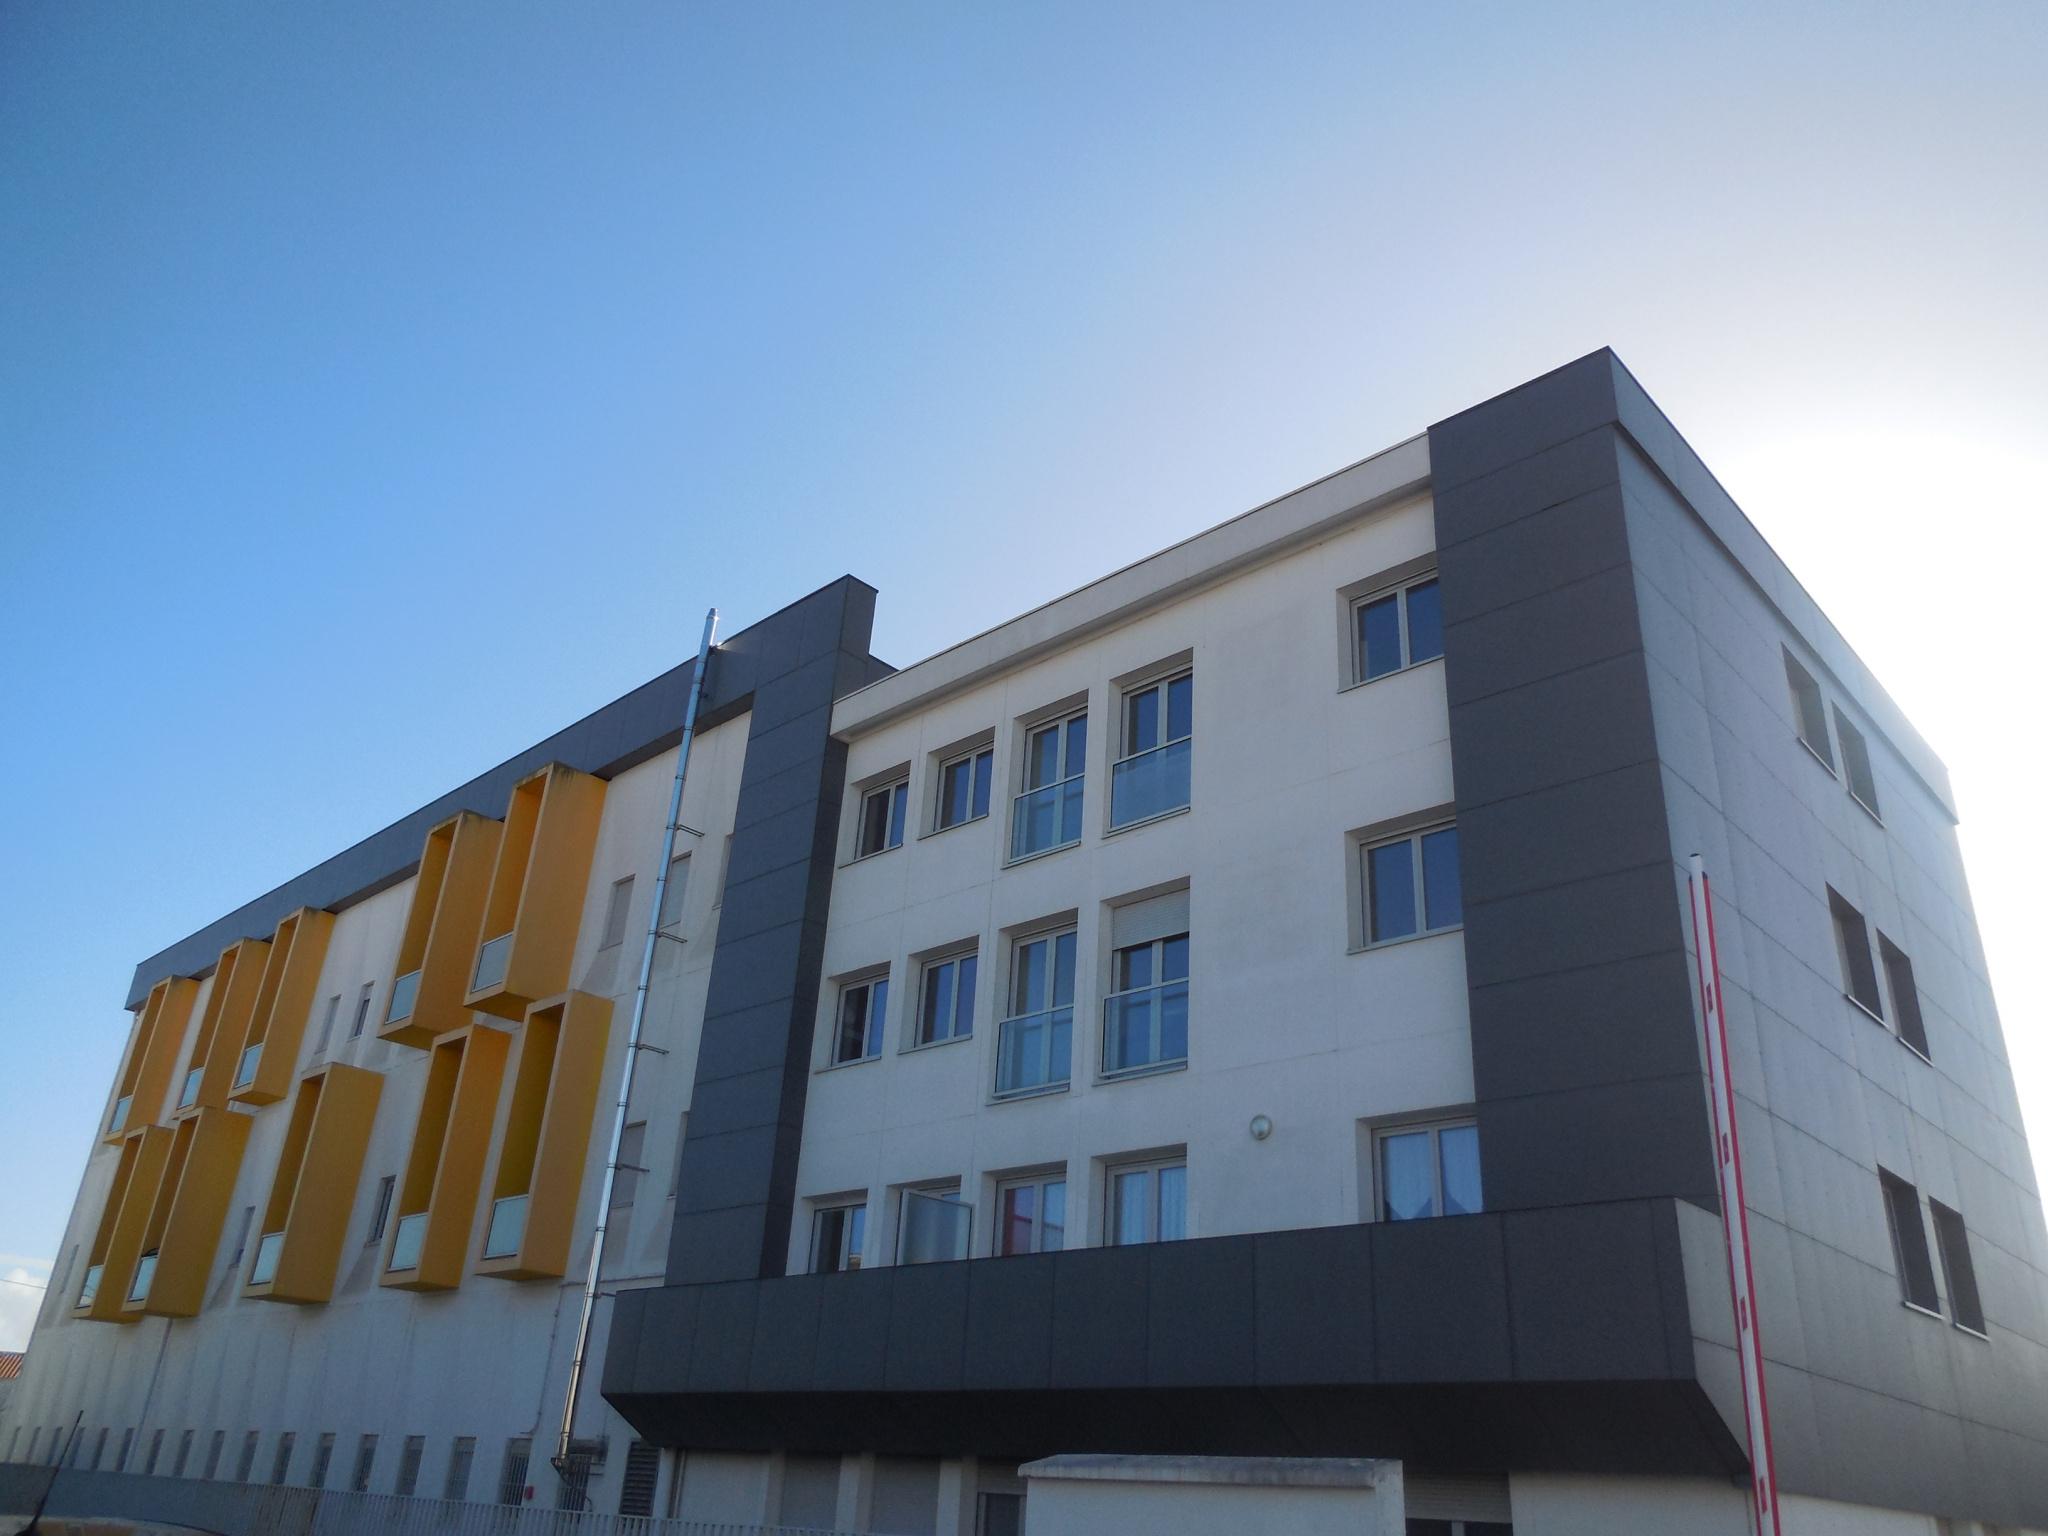 appartement la rochelle LA ROCHELLE - CENTRE VILLE - PORTE ROYALE